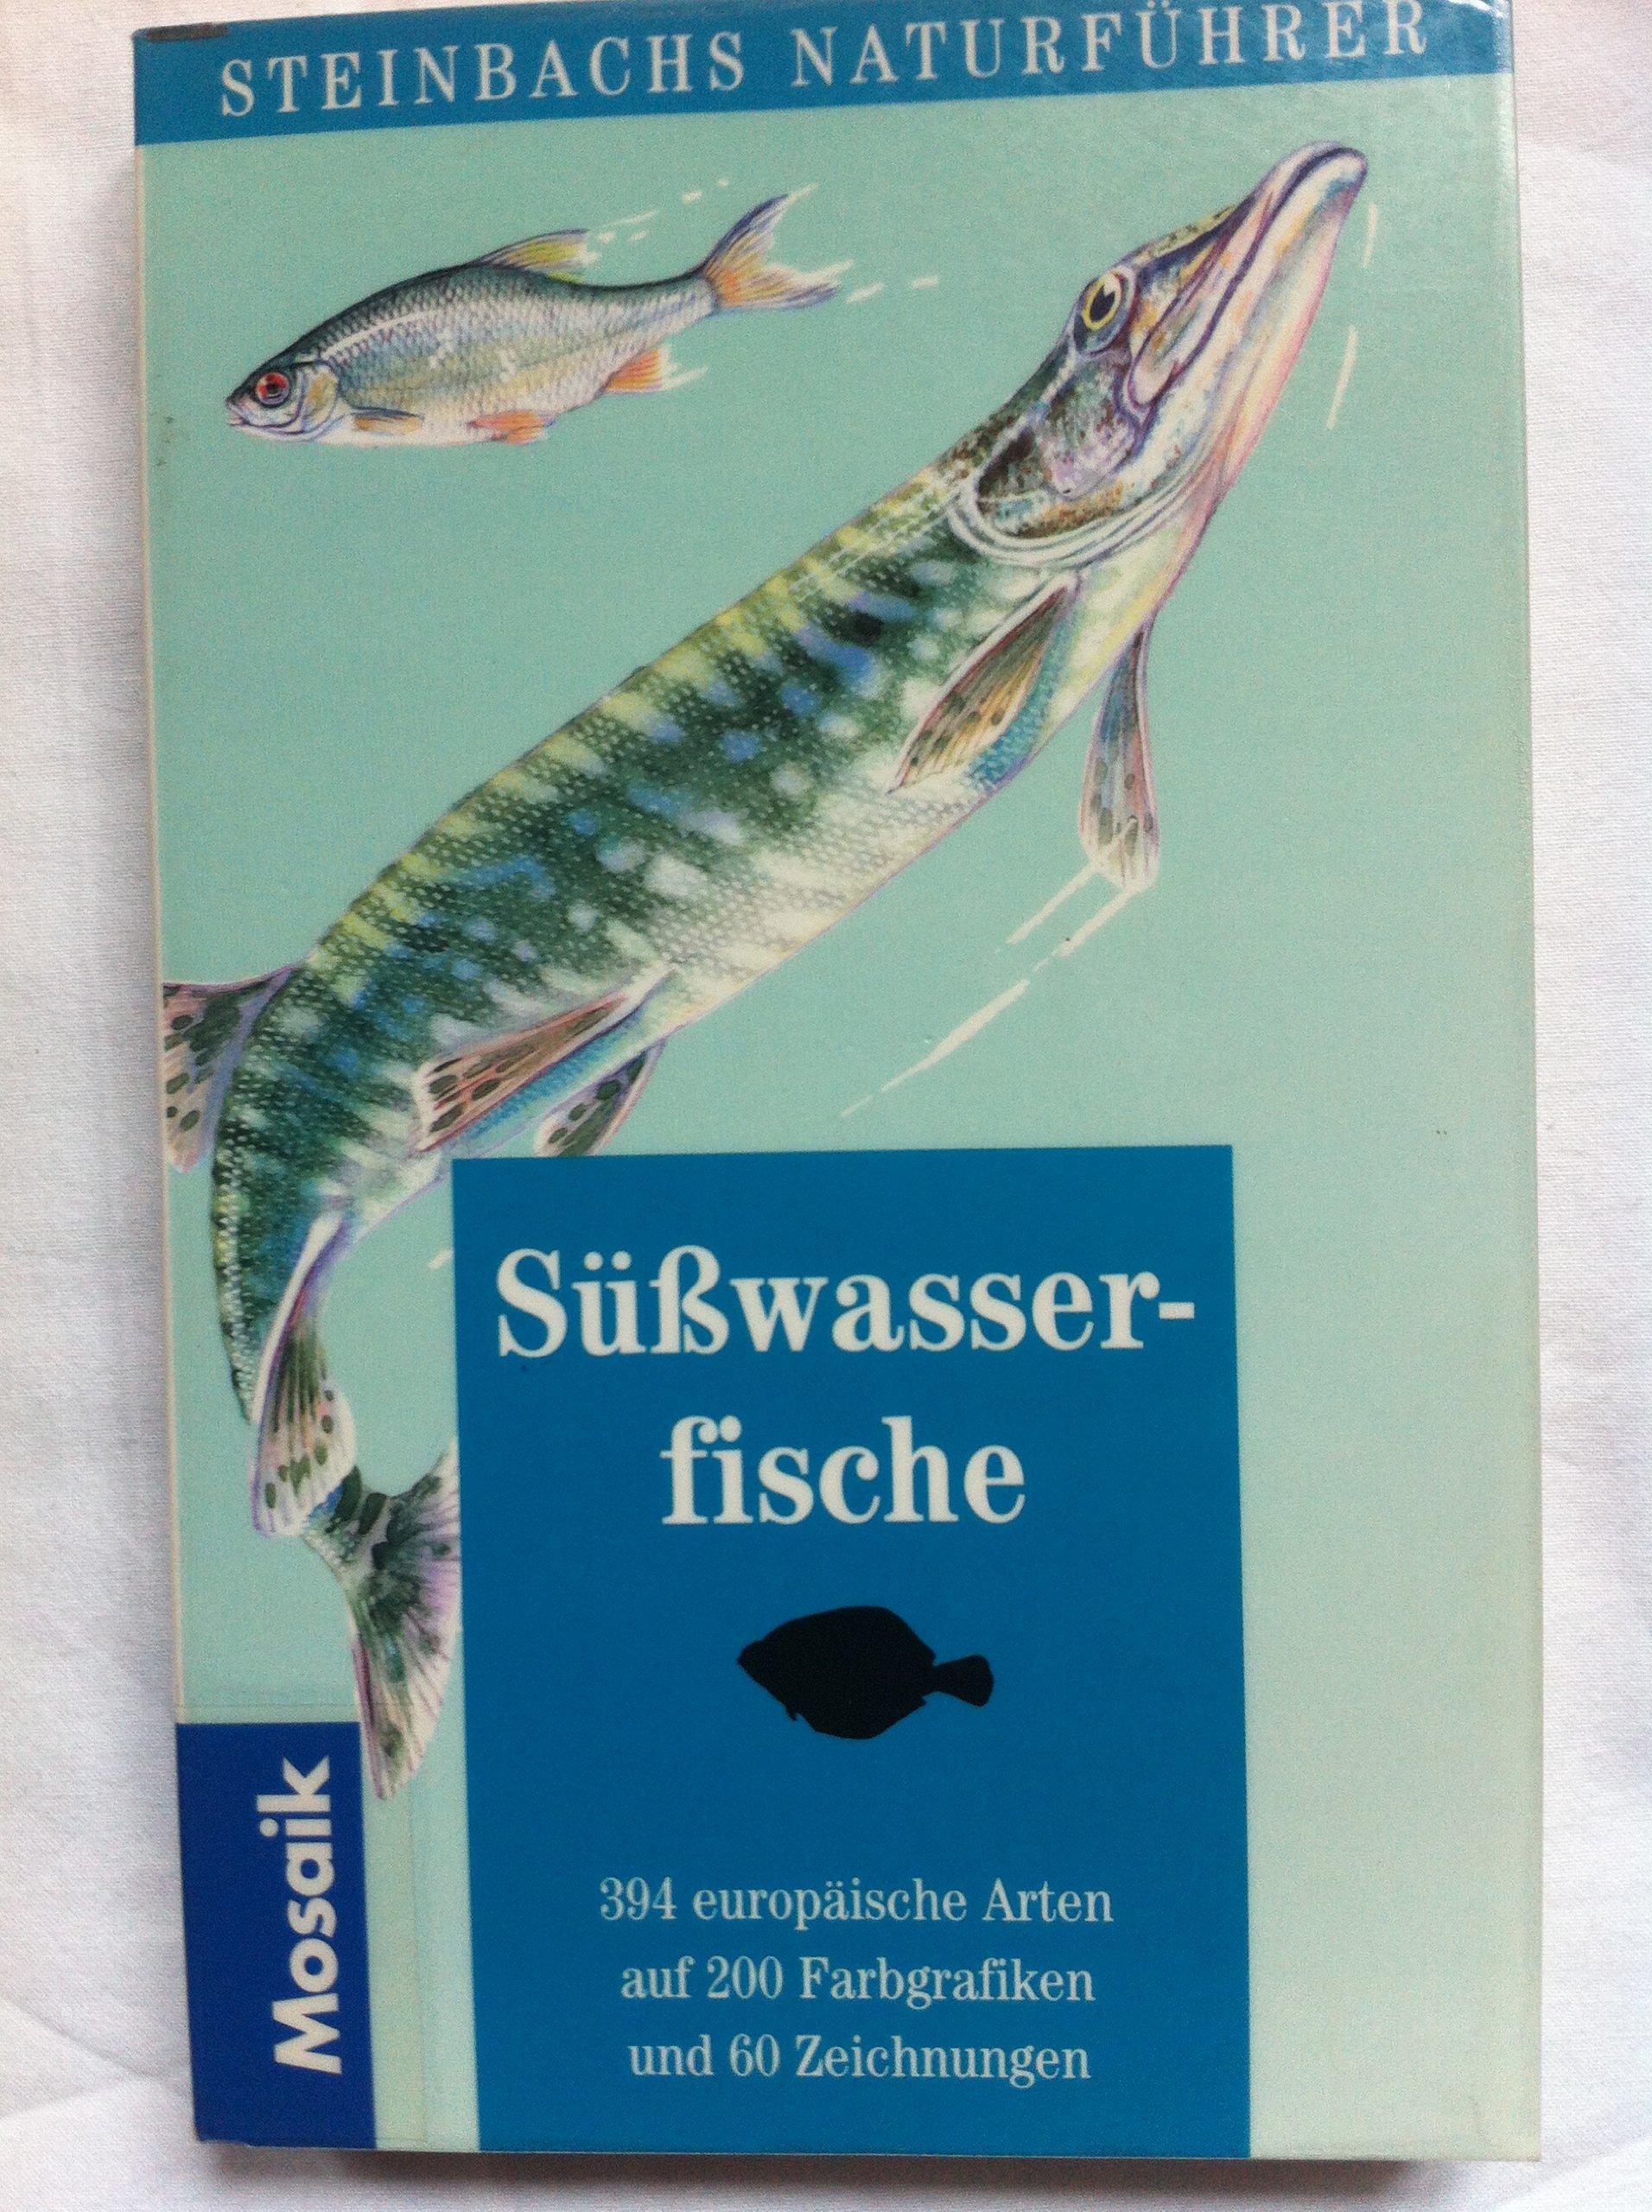 Süsswasserfische (Steinbachs Naturführer)